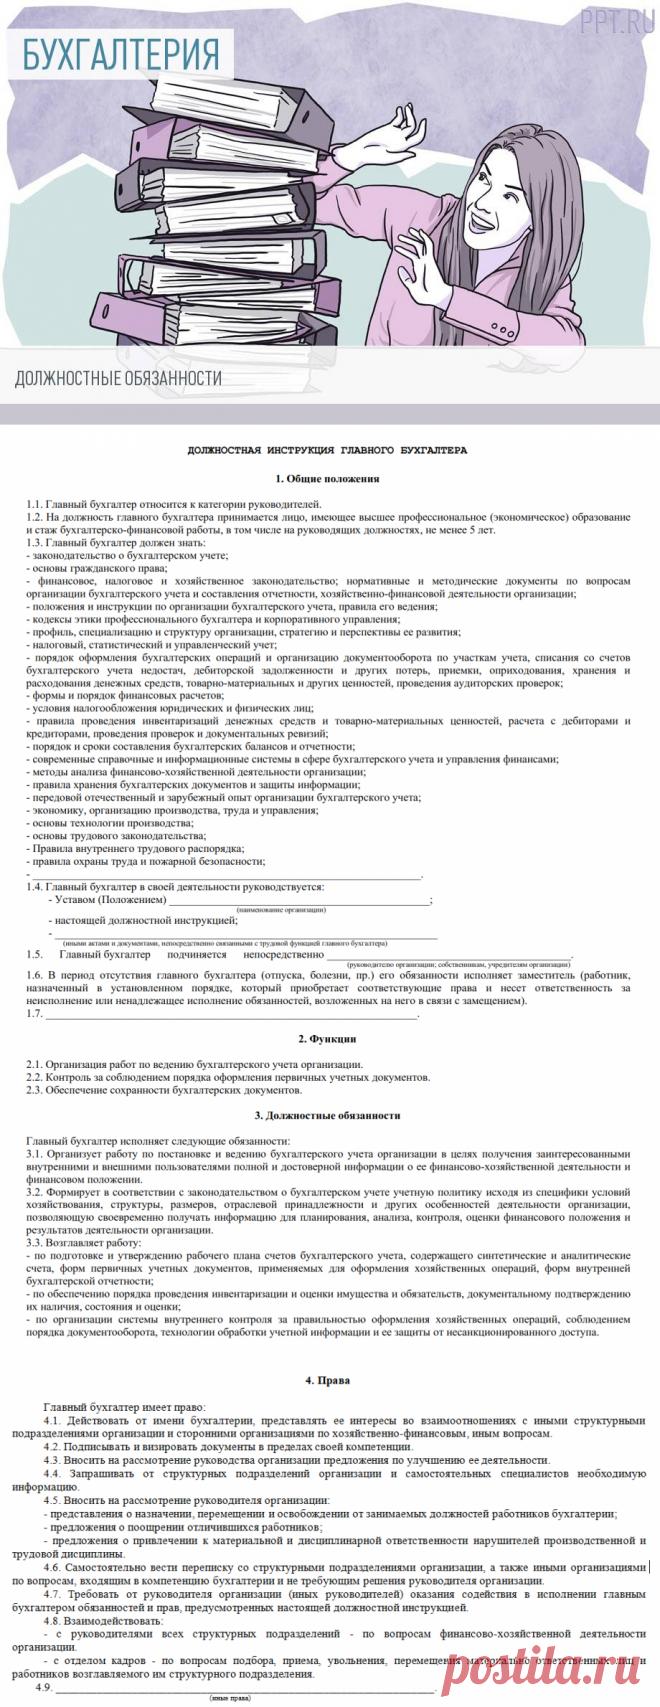 Обязанности бухгалтера 2020 — функциональные и должностные